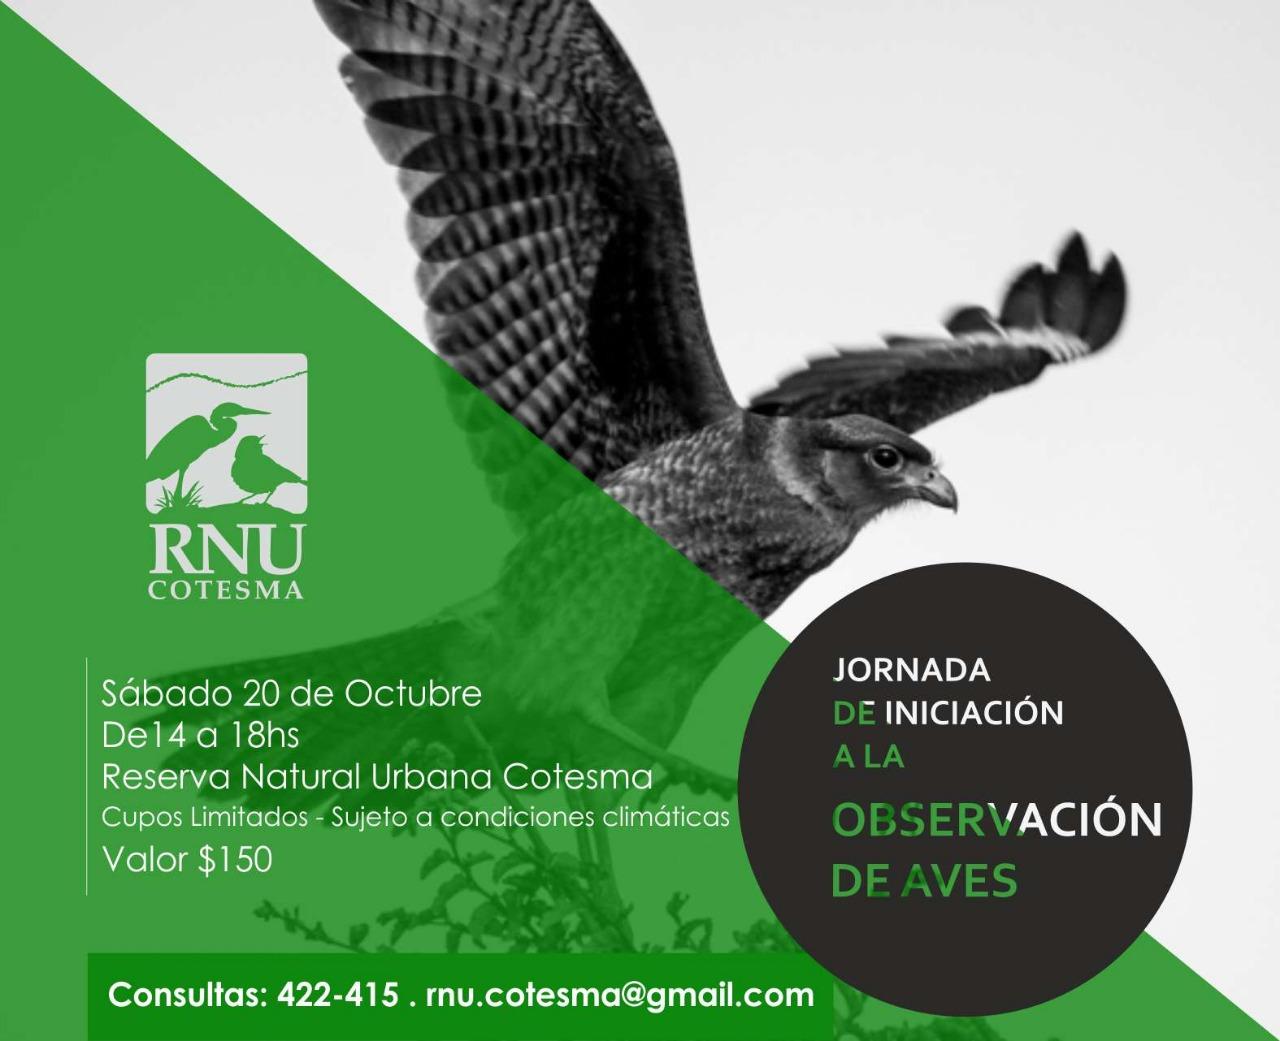 Jornada de Iniciación a la Observación de Aves